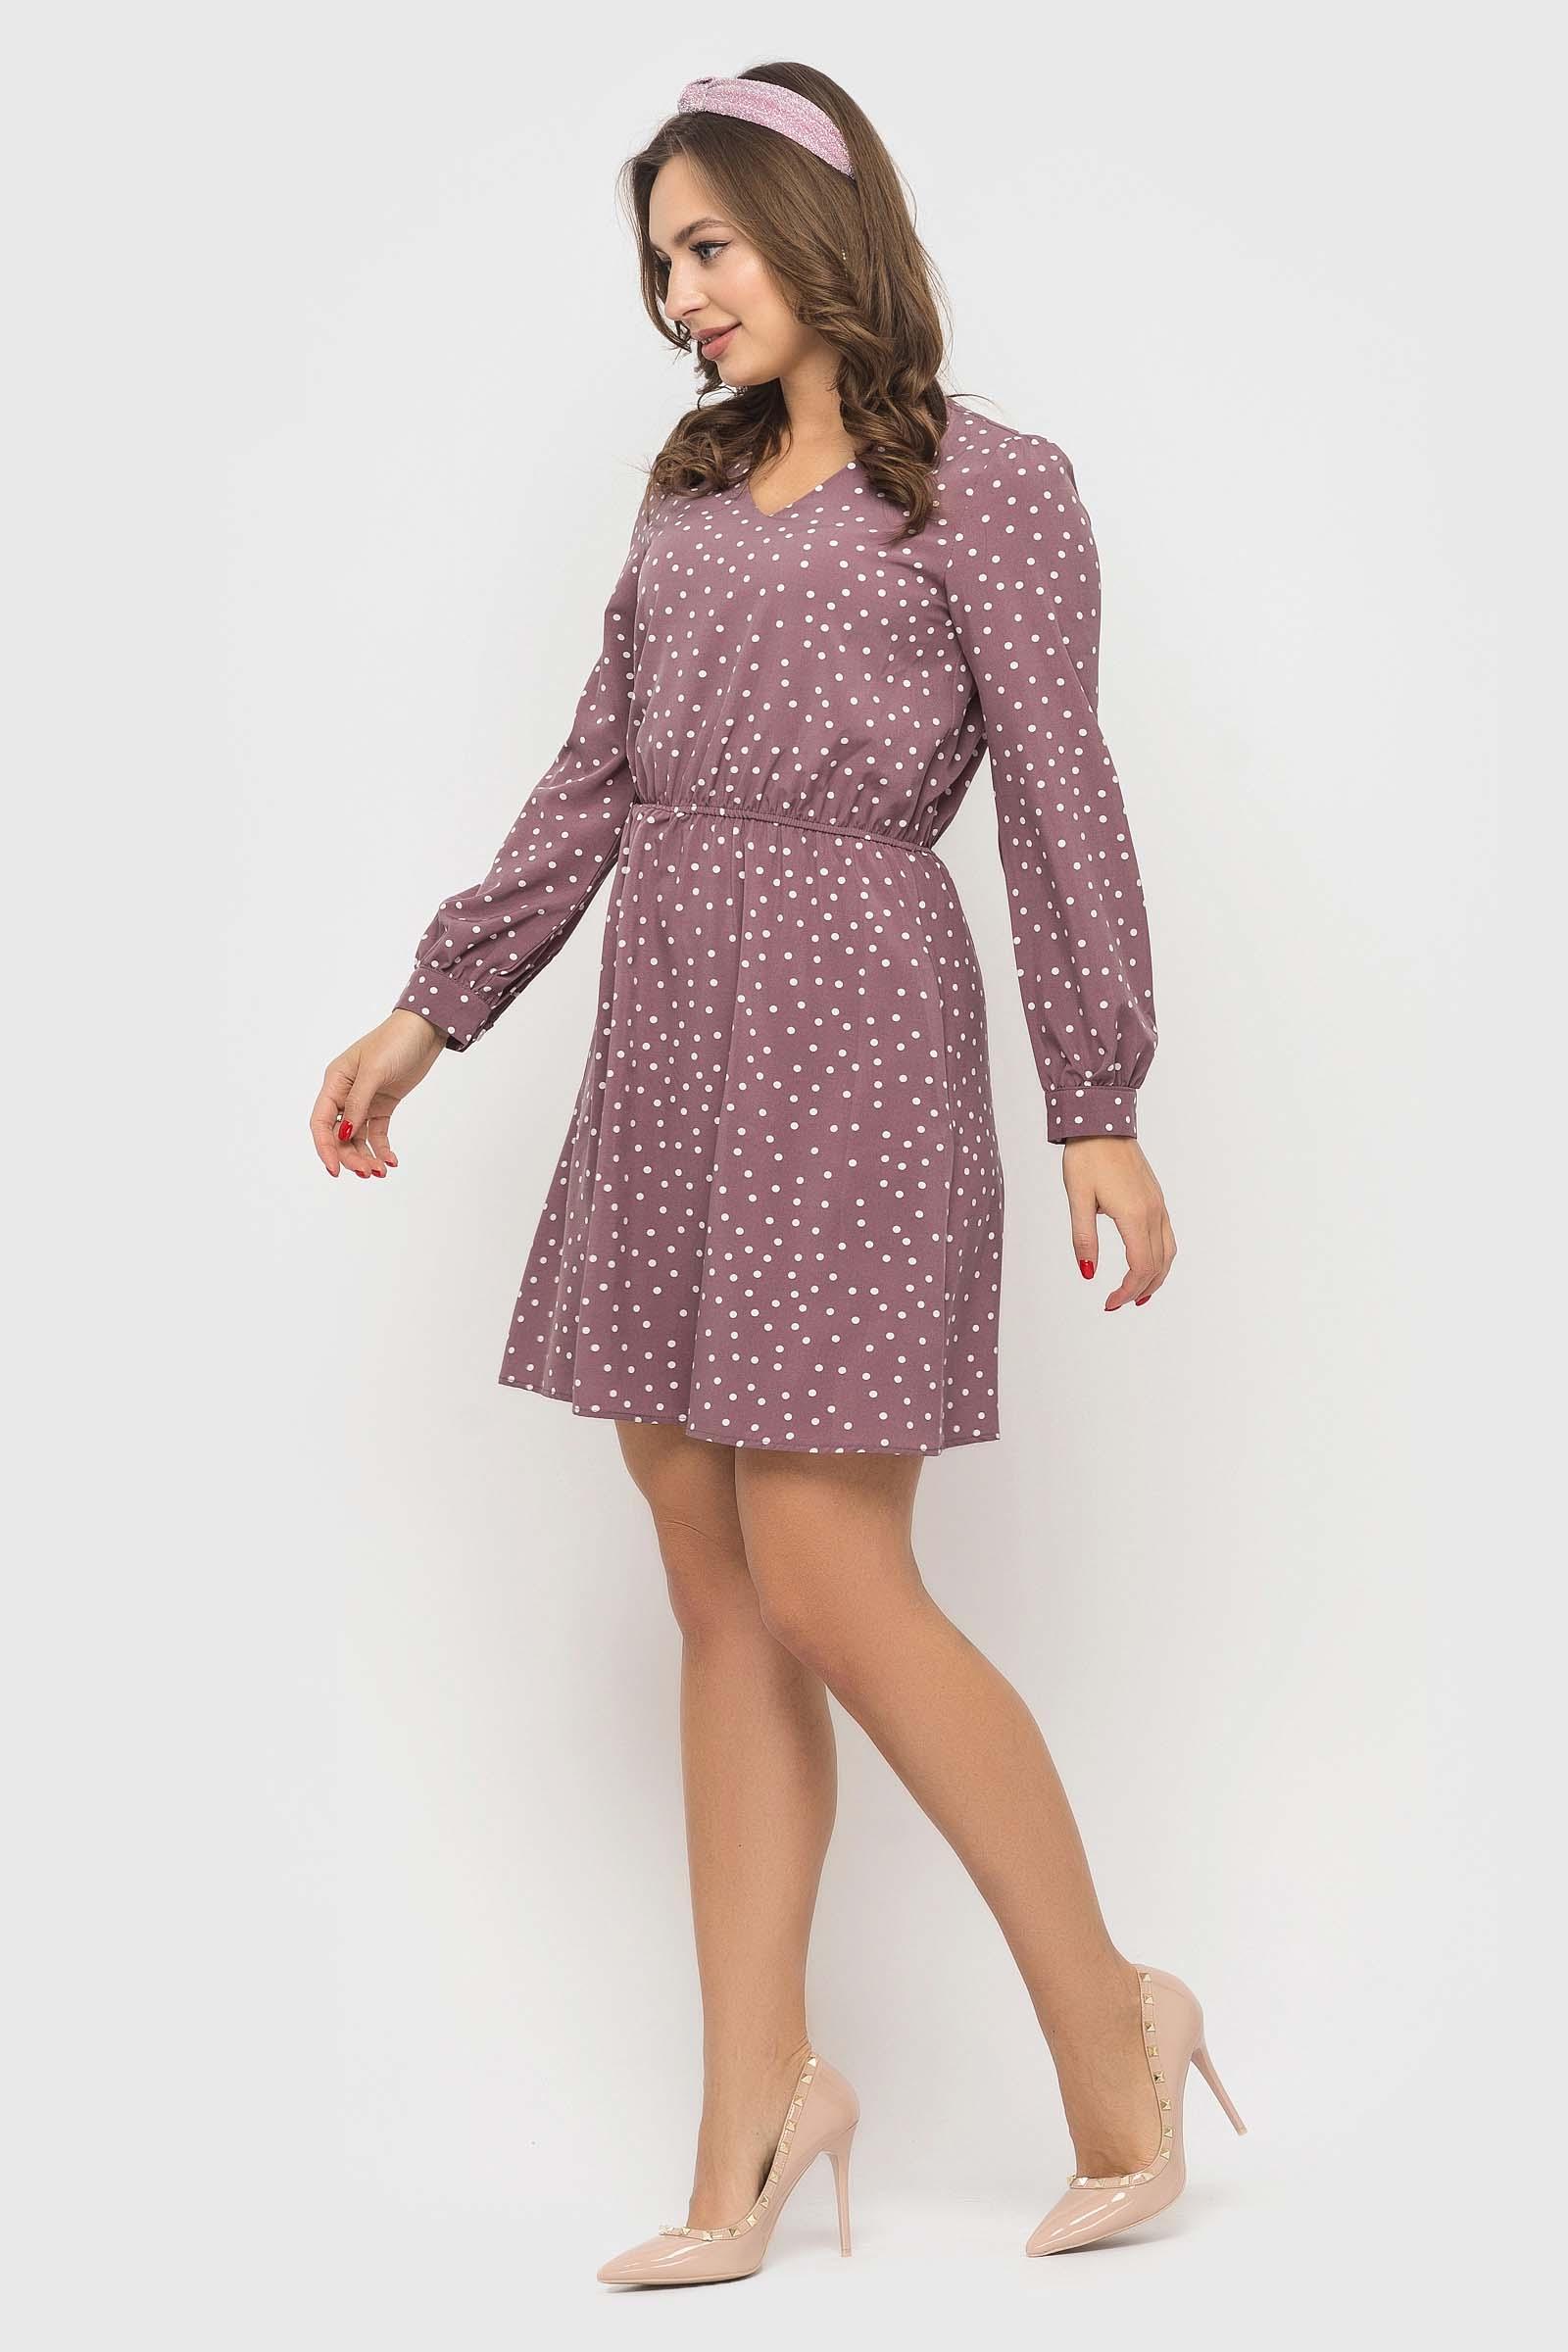 be art 2020 04 07182616 Купить платье